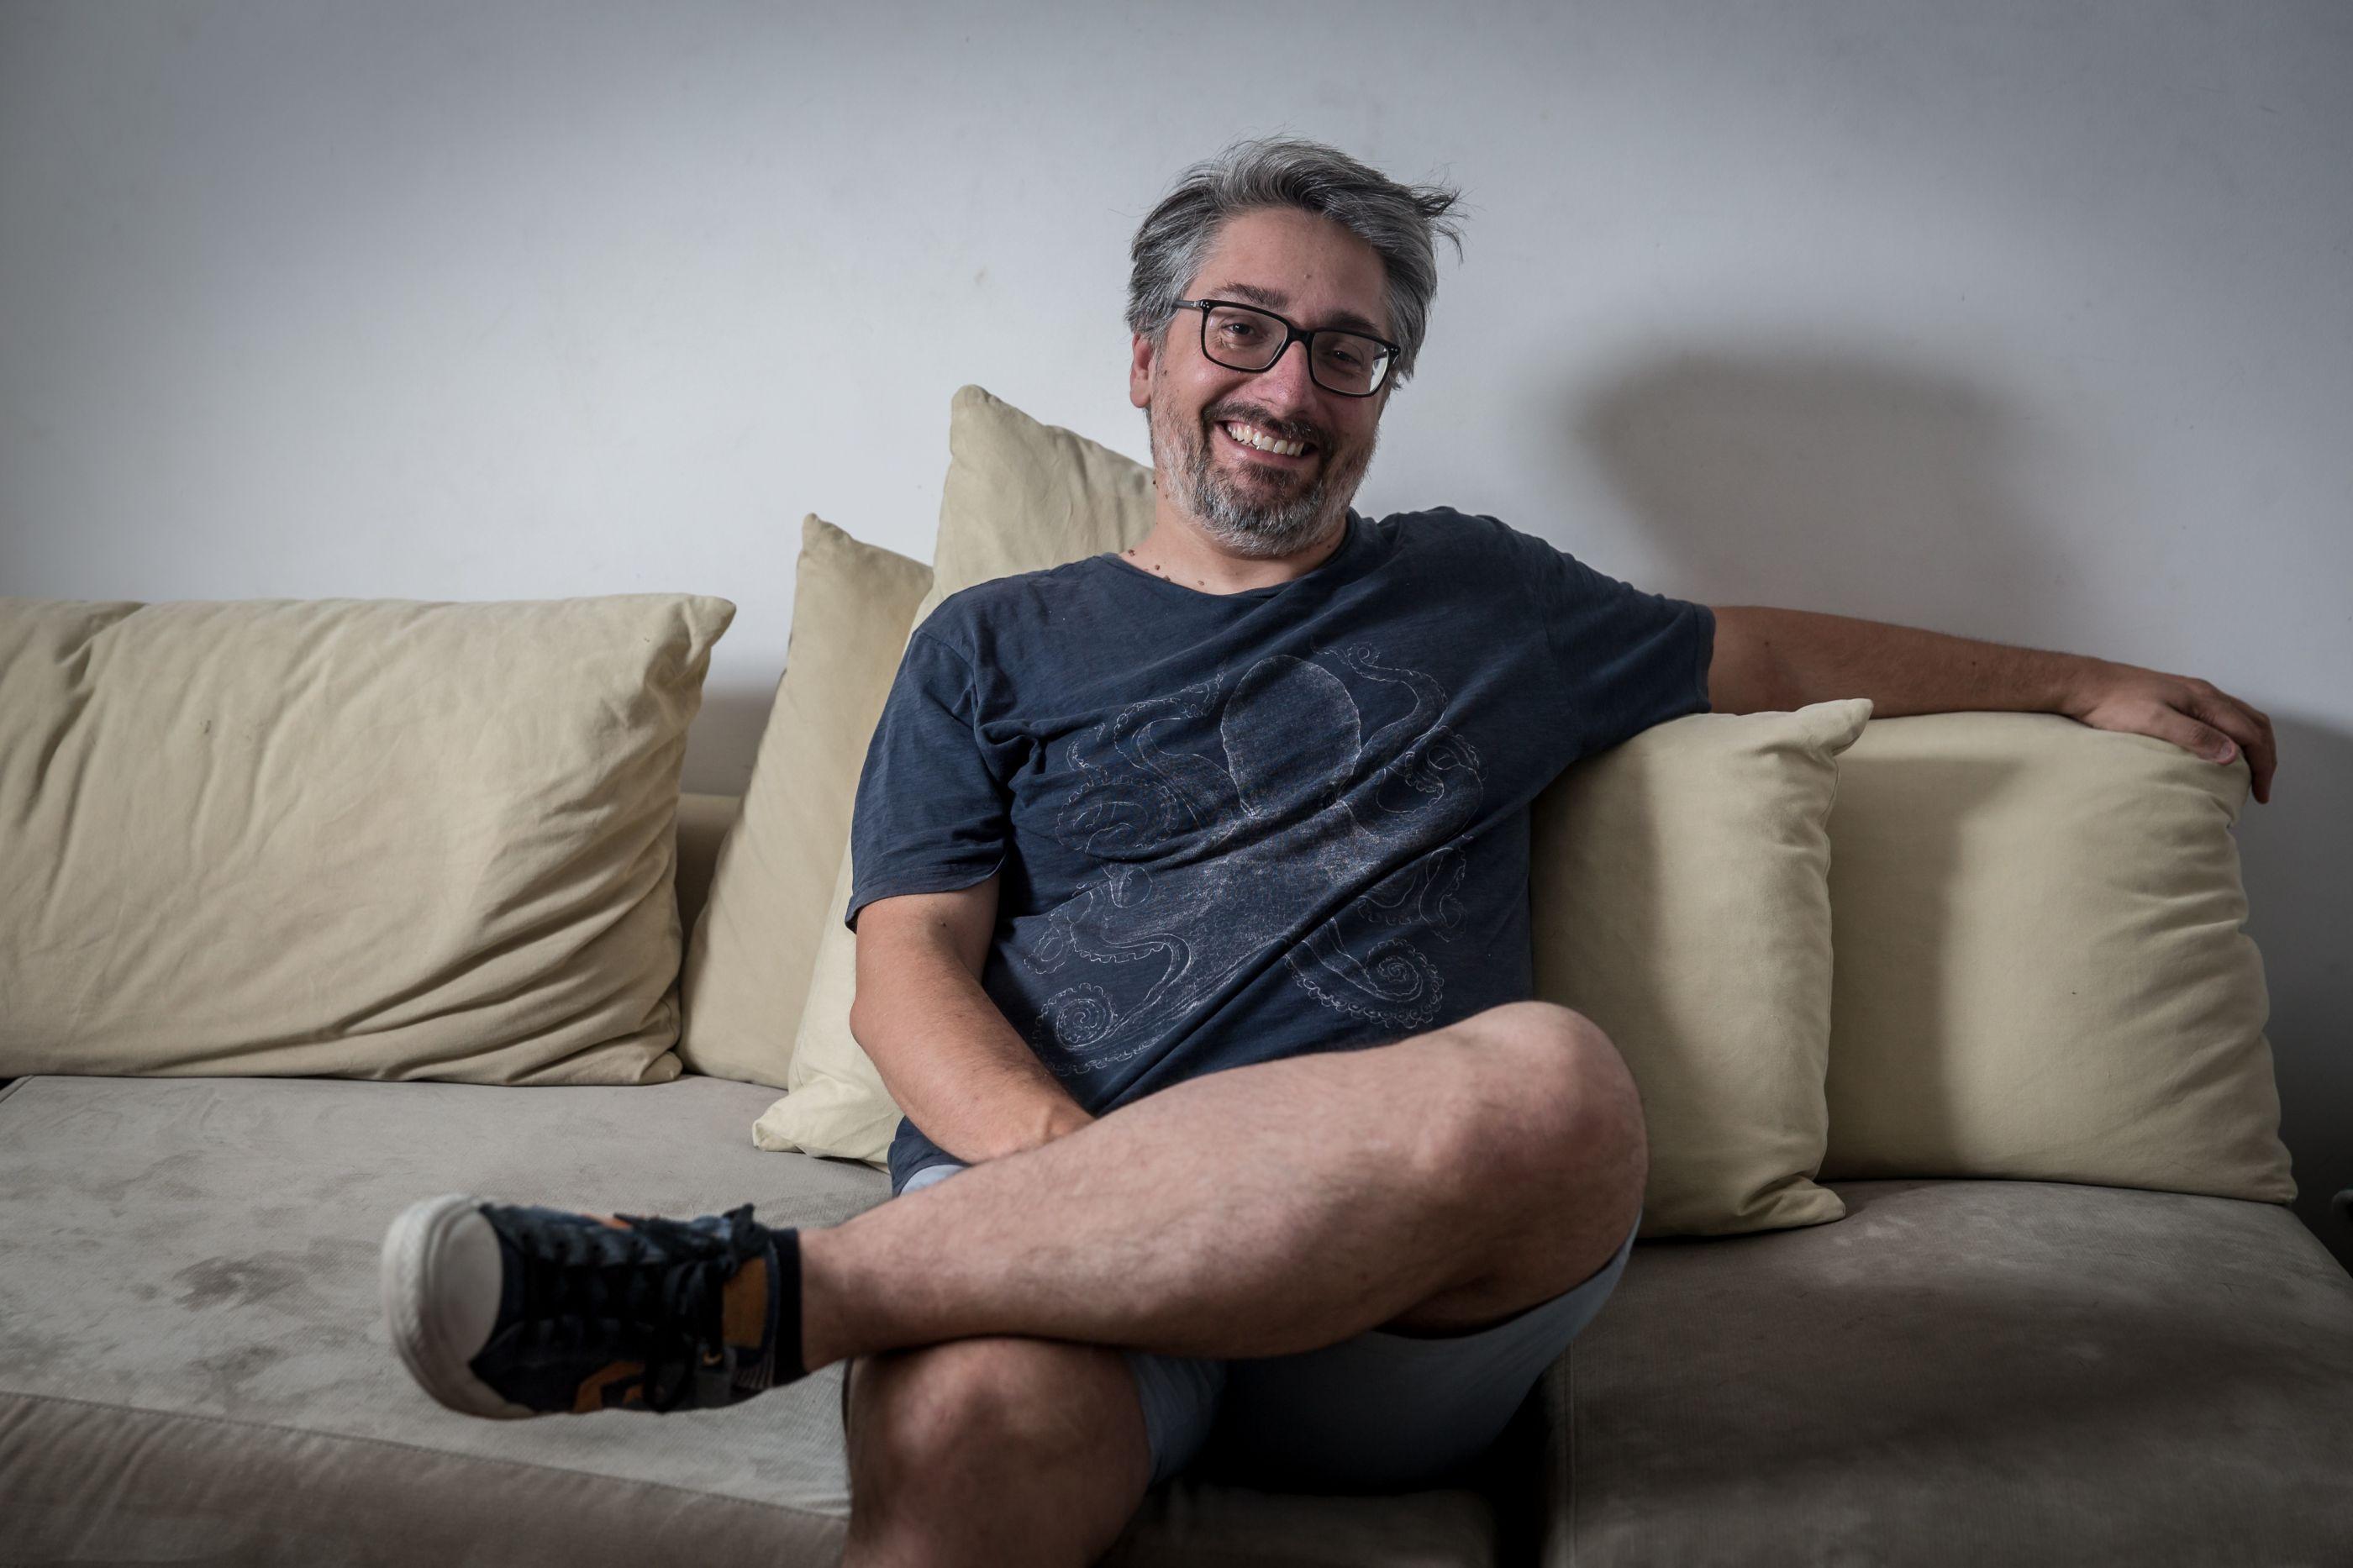 Nuno Markl comemora suposta lua-de-mel após ser vítima de uma partida